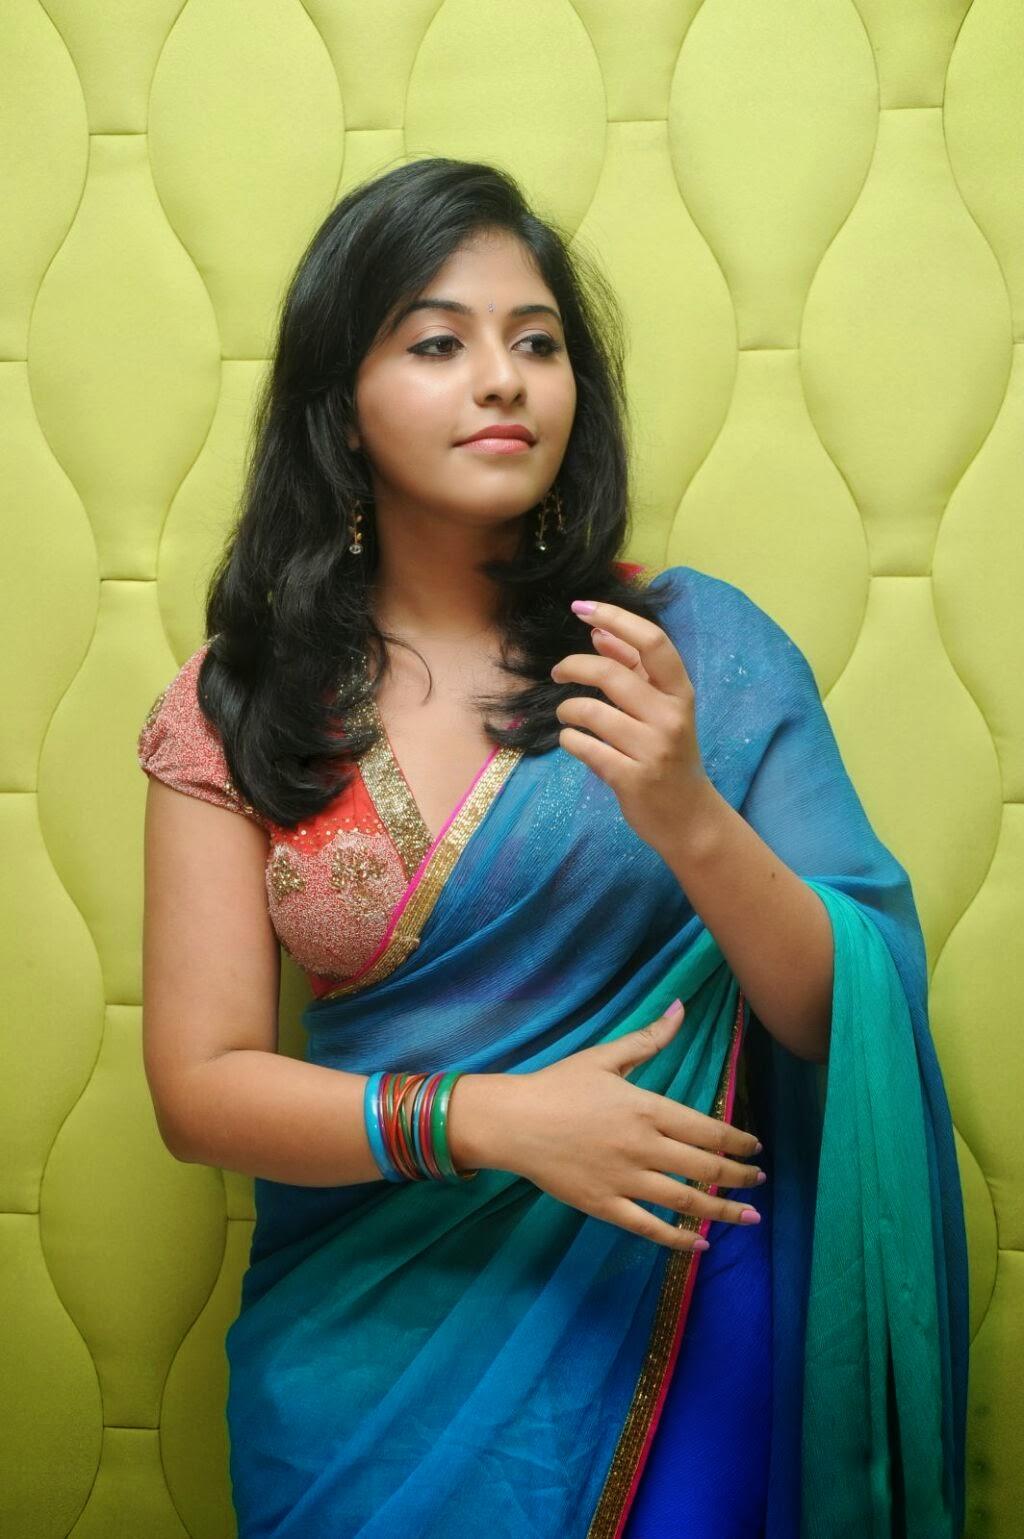 Anjali hot in saree, Anjali hot pictures, Anjali masala pics